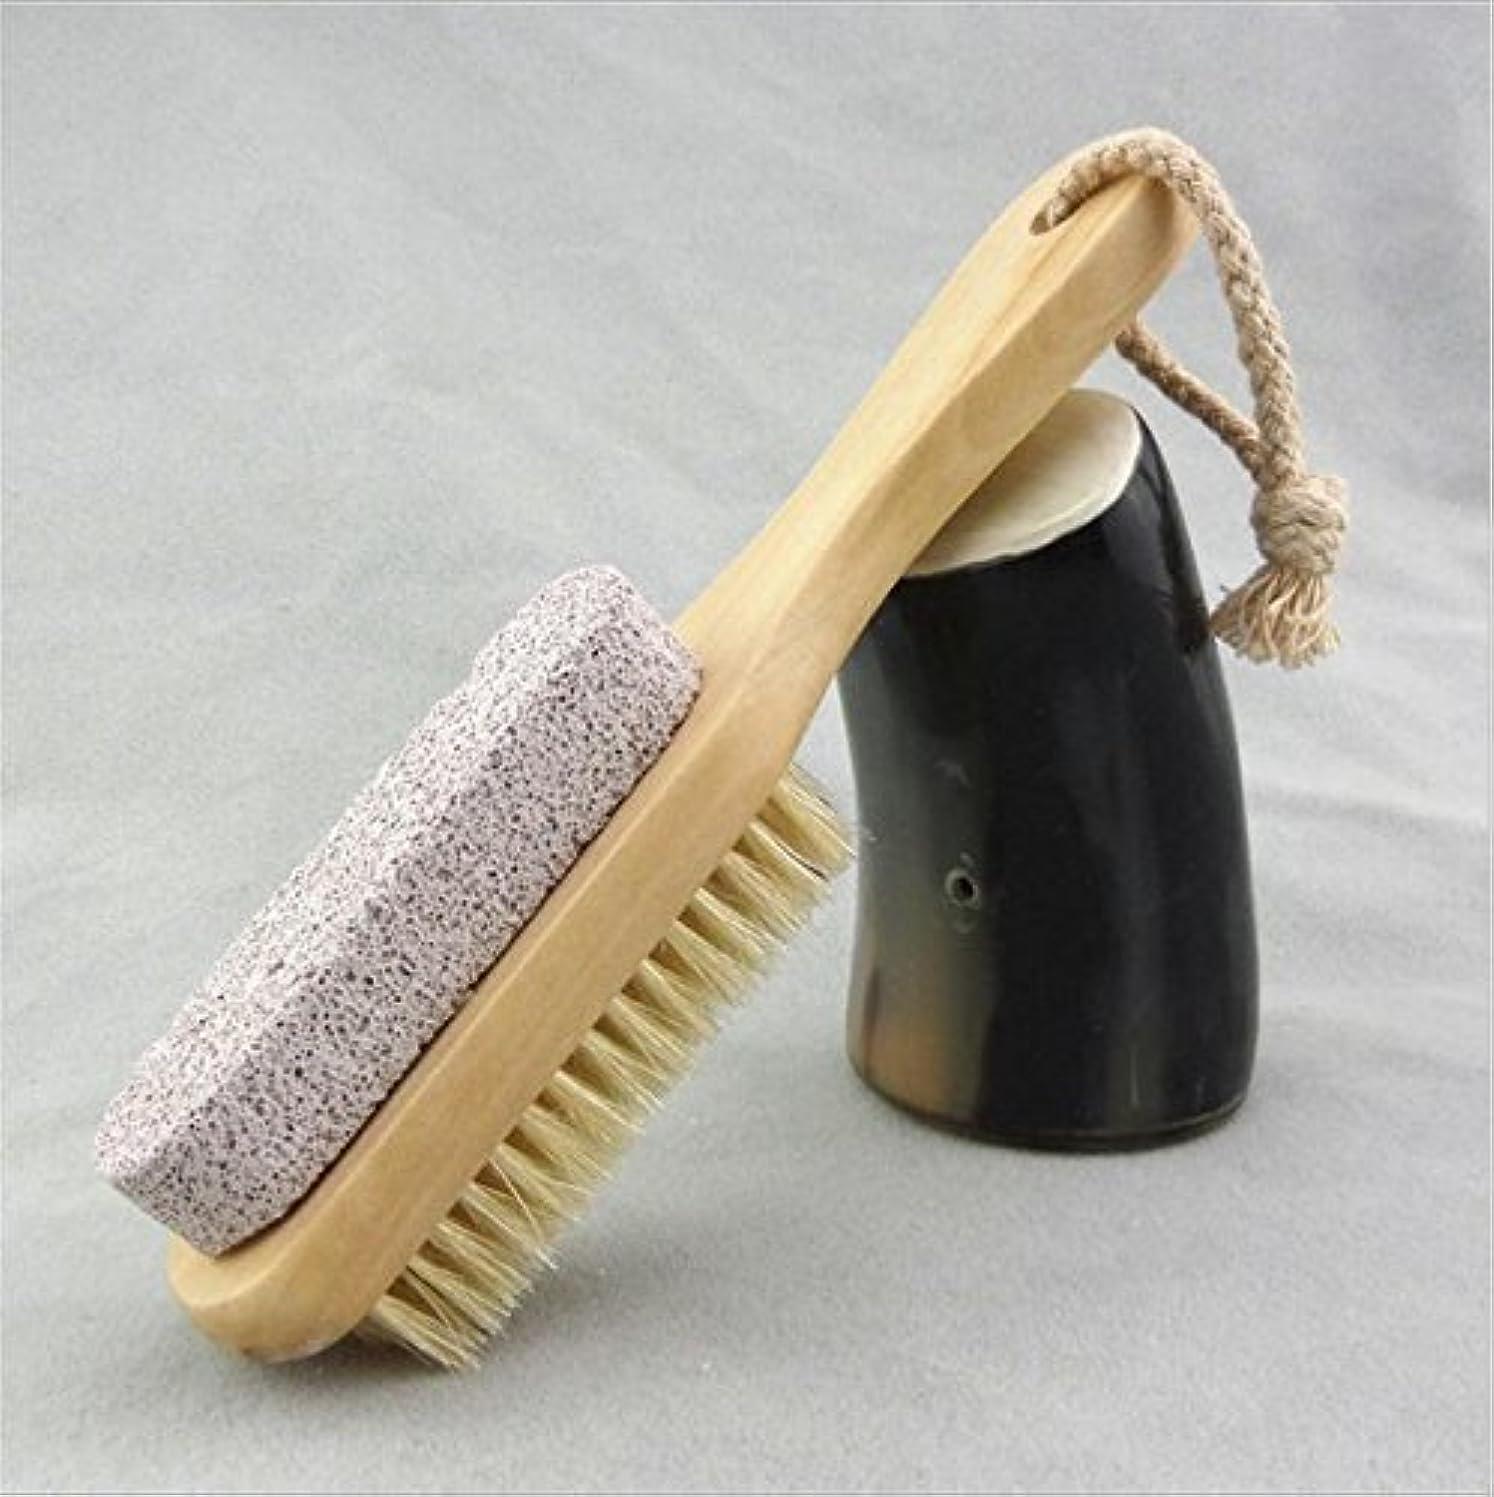 口述業界管理するBigmind 足軽石の足爪ブラシ 角質除去 天然毛 足爪 かかと削り フット用品 ブラシフットケア かかとキレイフットブラシ